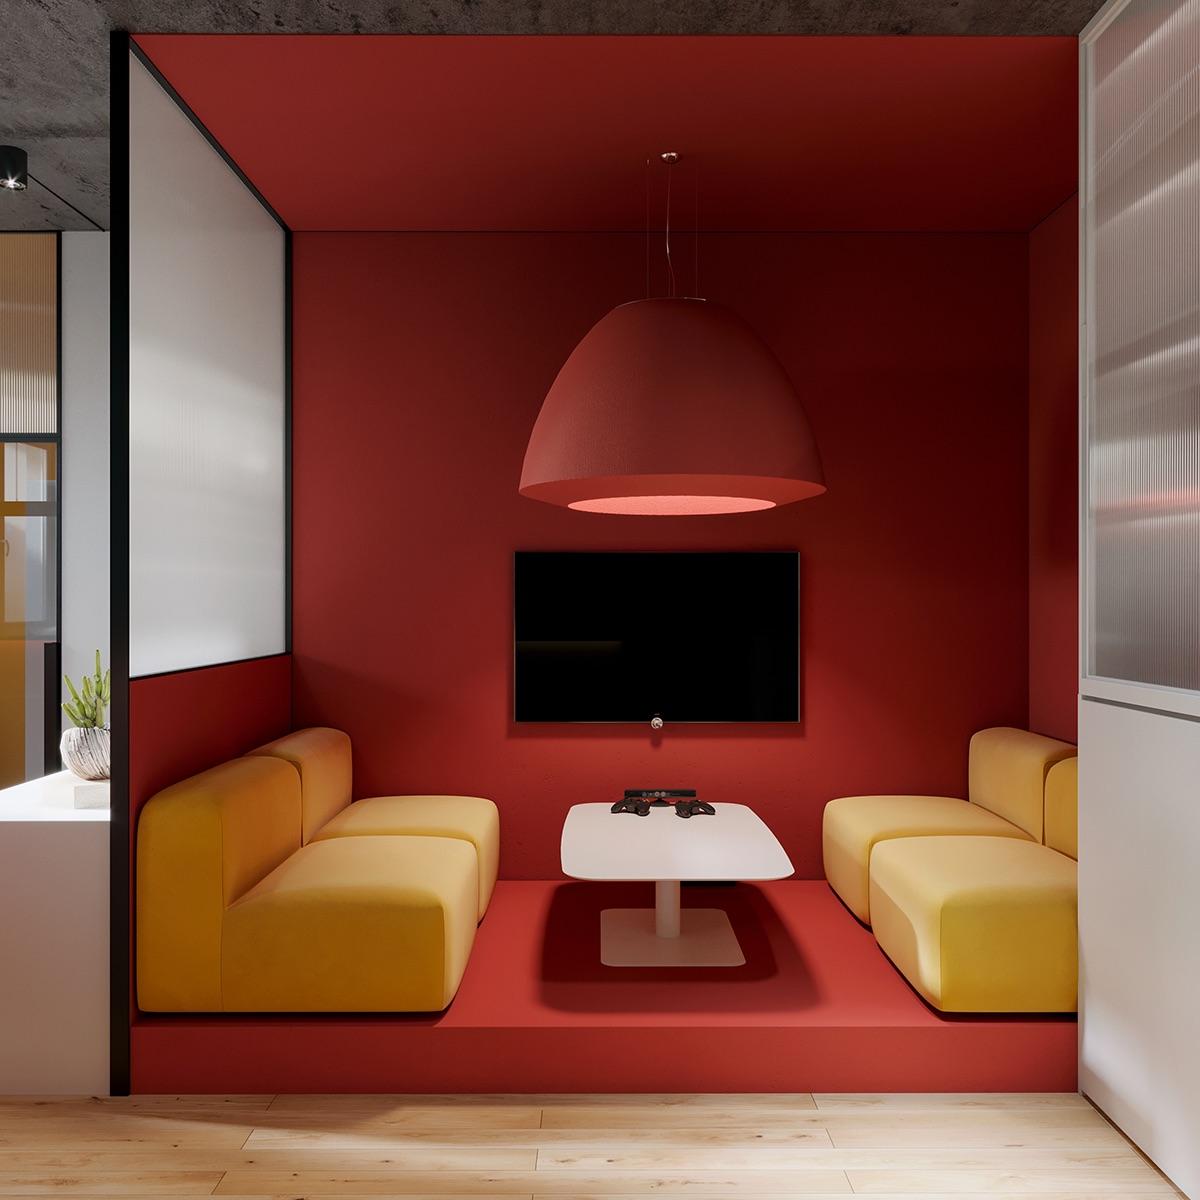 【极简主义】办公室办公空间设计